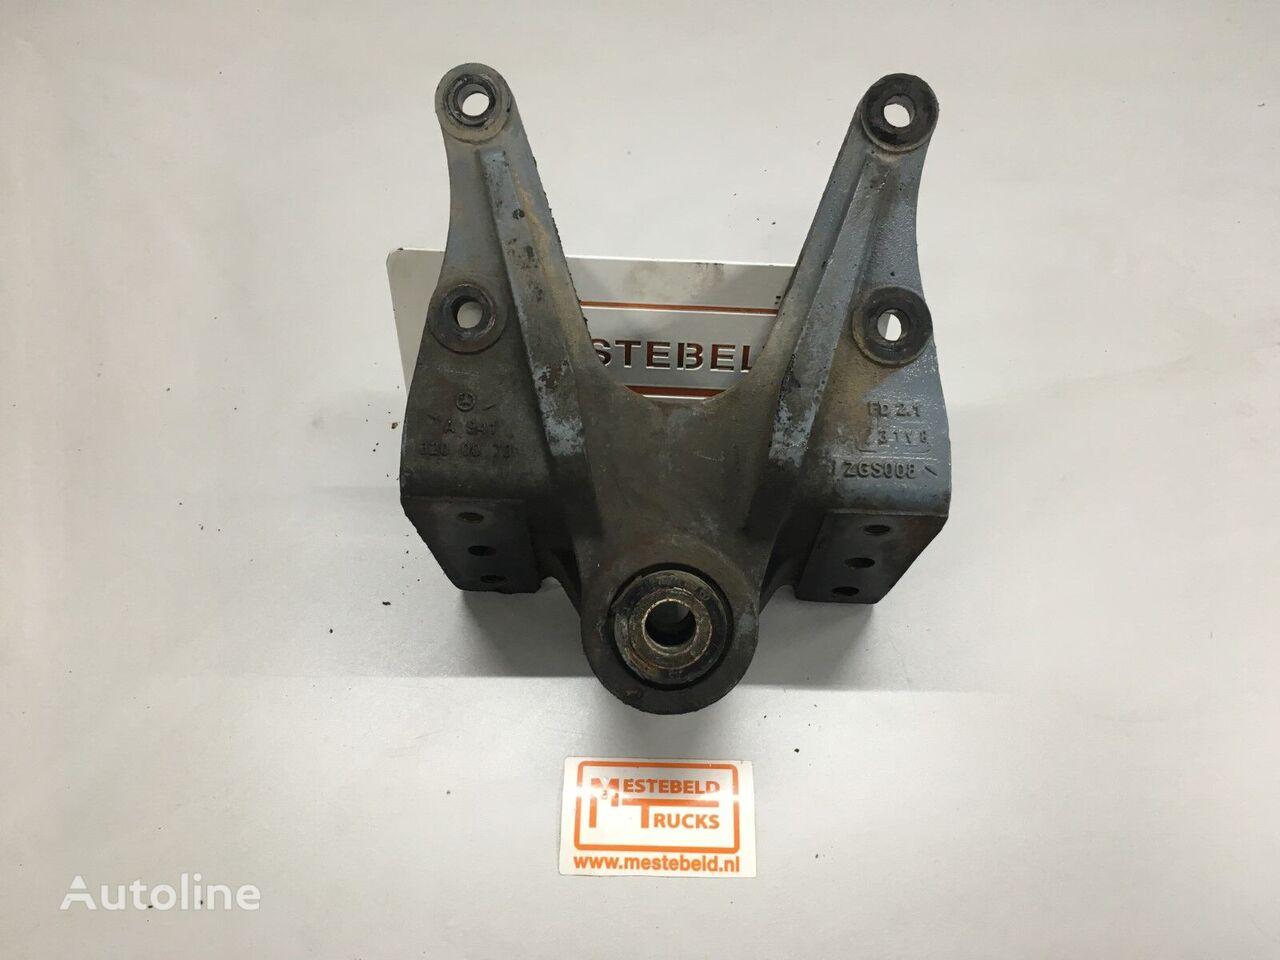 Voorveerhand L/R MERCEDES-BENZ fasteners for truck